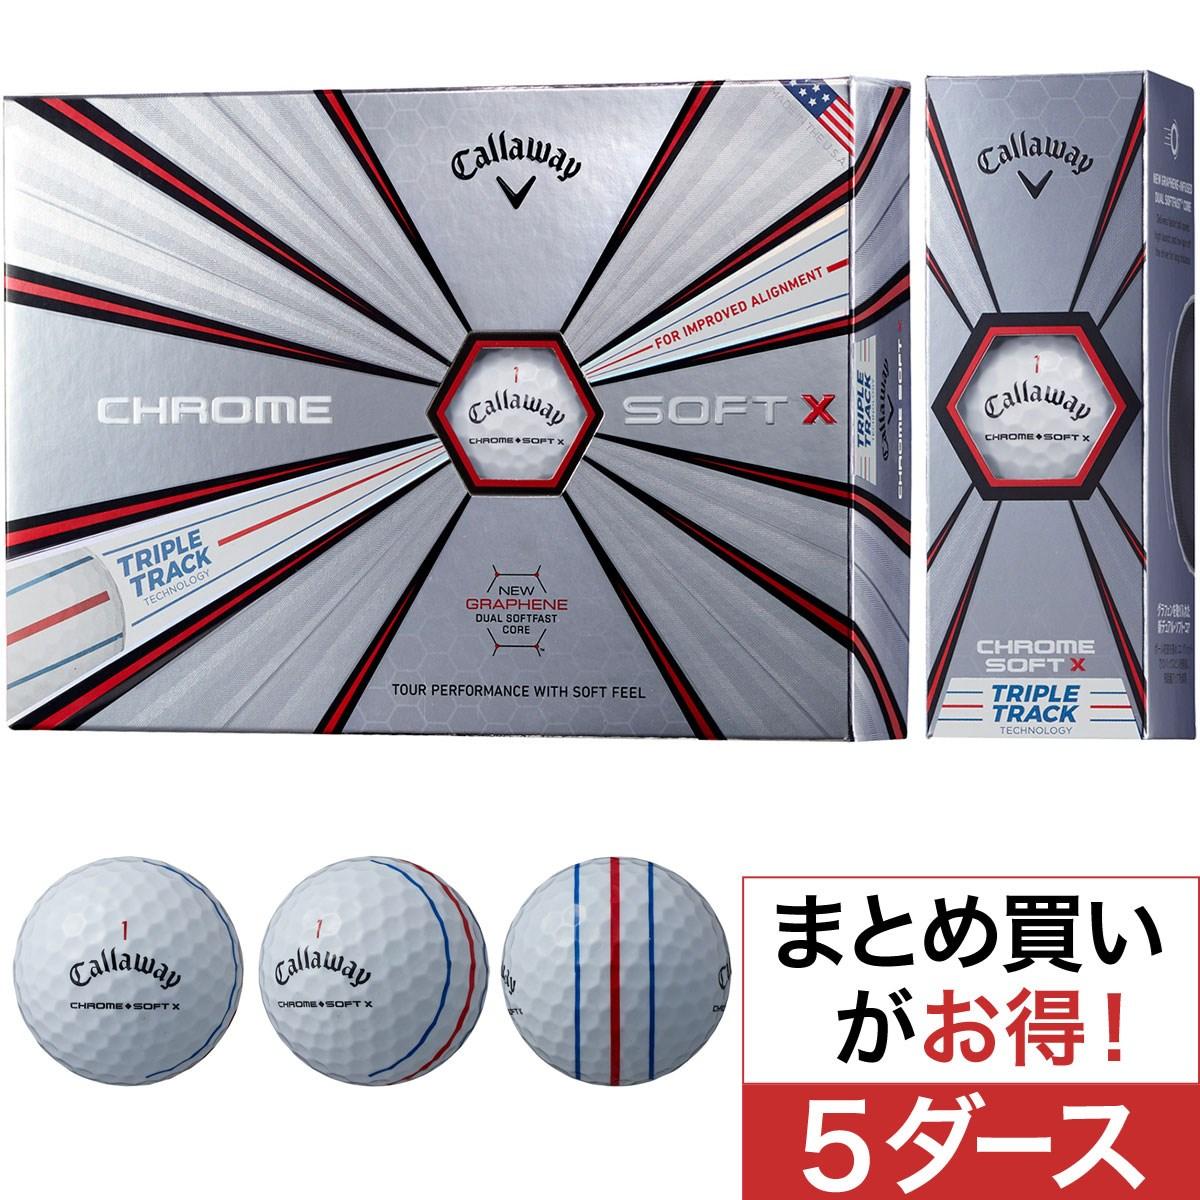 キャロウェイゴルフ(Callaway Golf) CHROME SOFT X 19 Triple Track ボール 5ダースセット